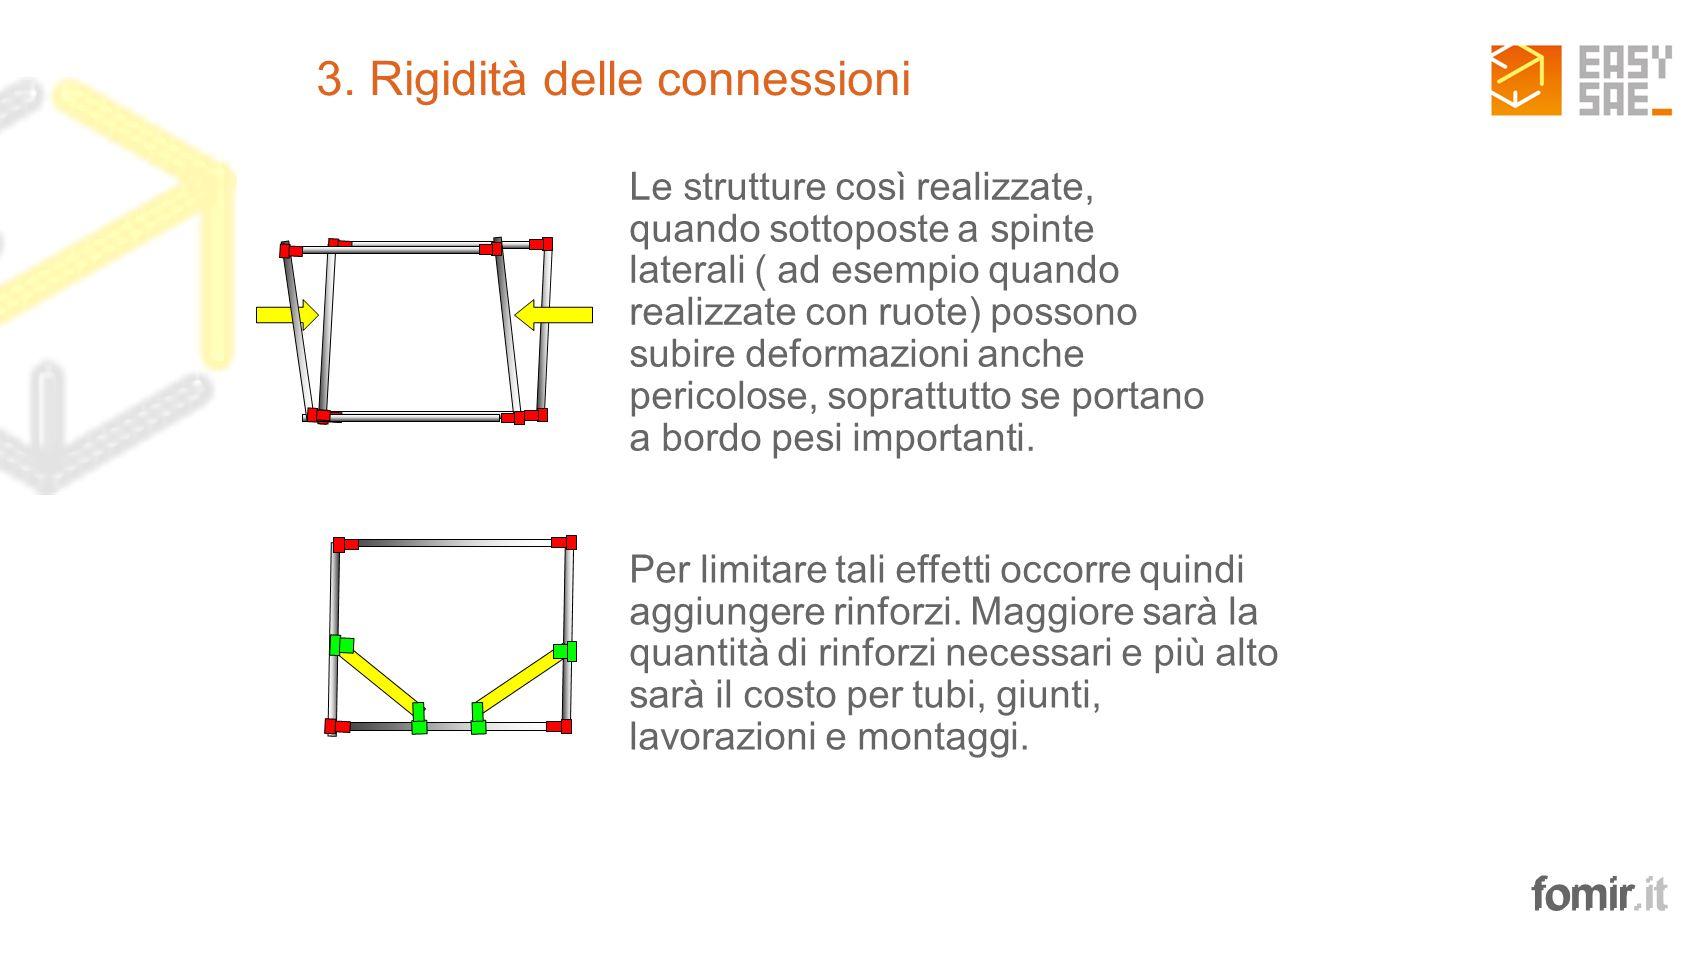 3. Rigidità delle connessioni